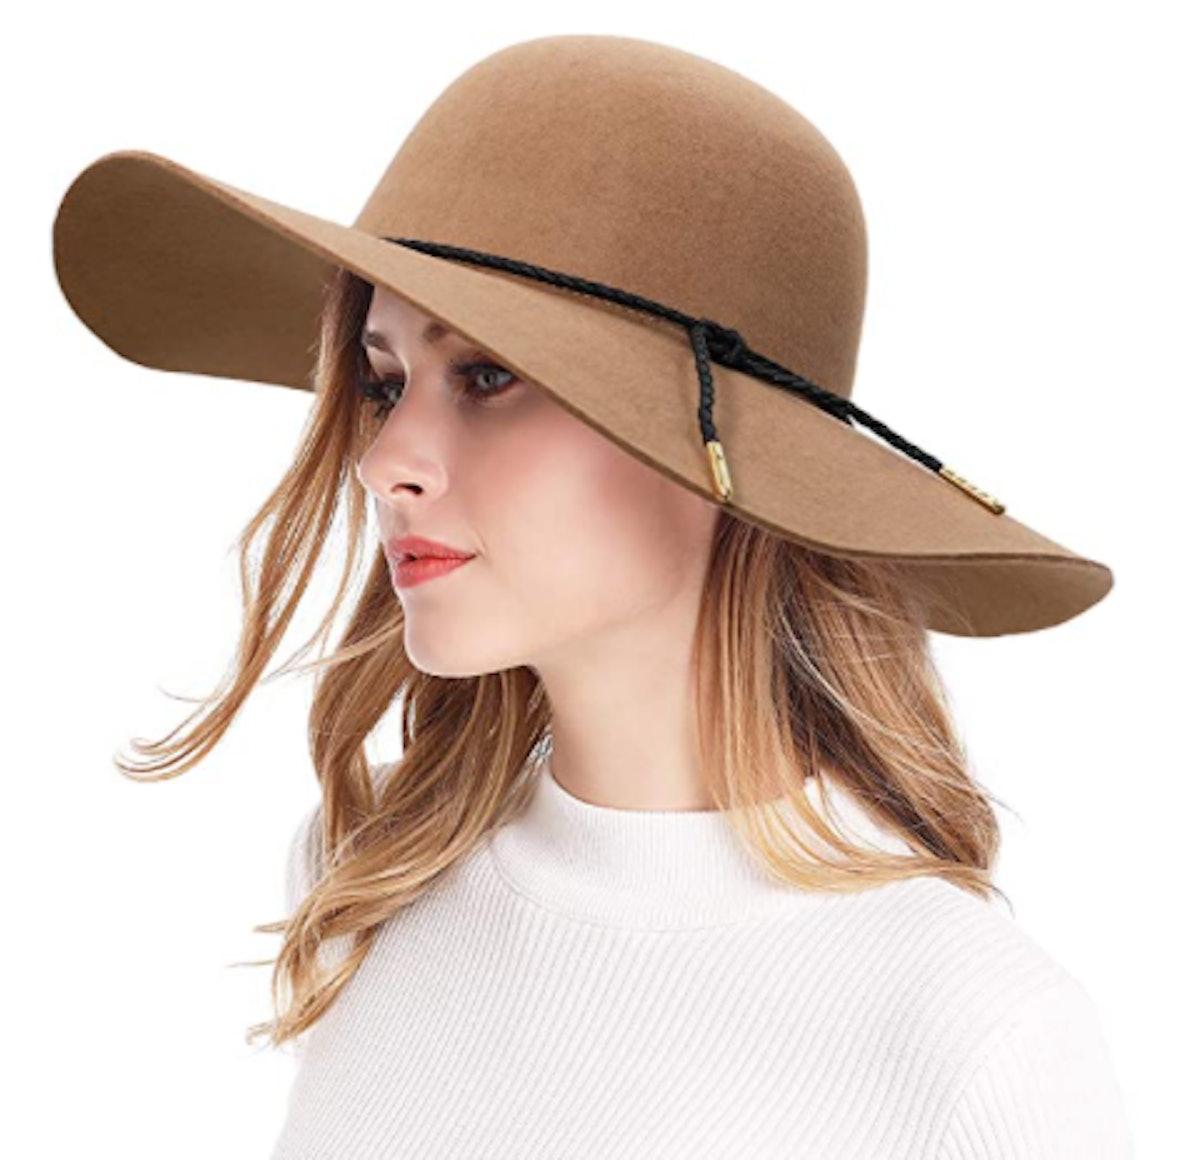 Bienvenu Wide-Brim Wool Floppy Hat